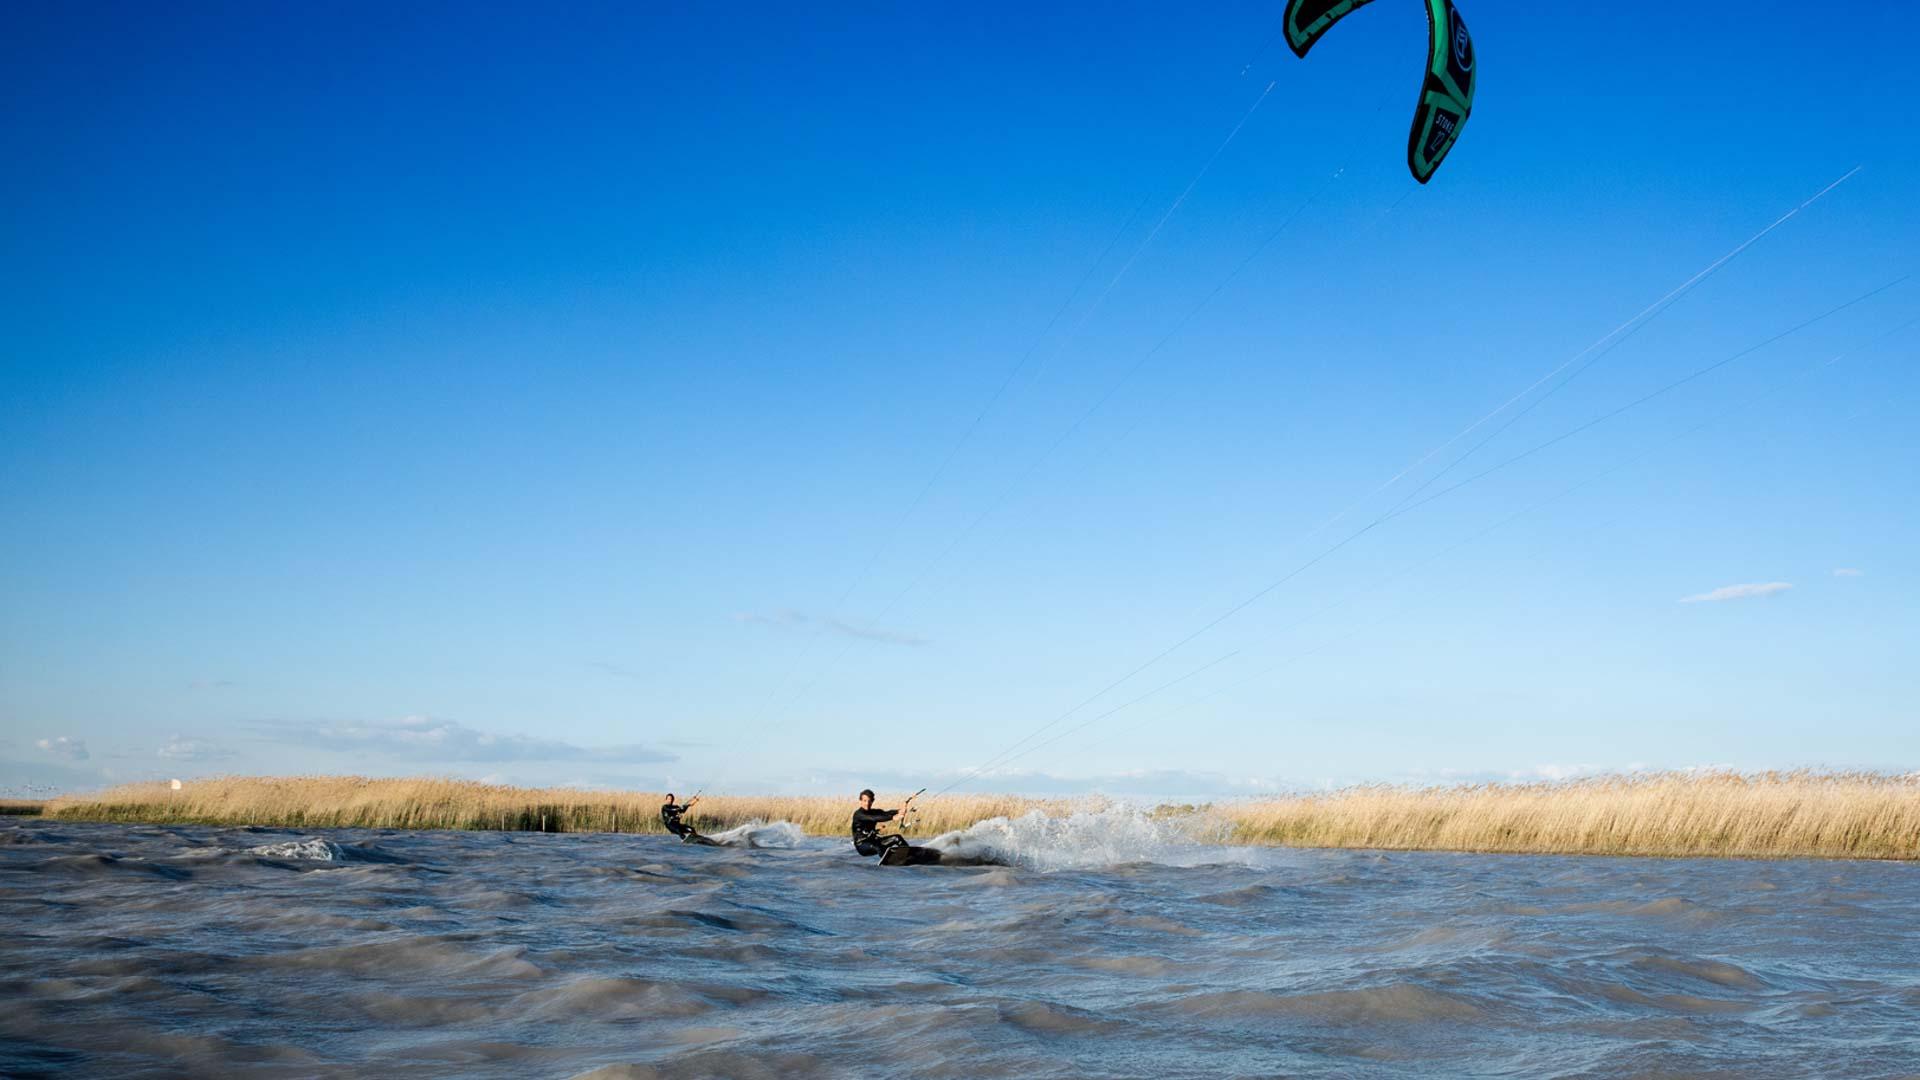 Olsen und Patrick kiten am Neusiedlersee mit Schilf im Hintergrund